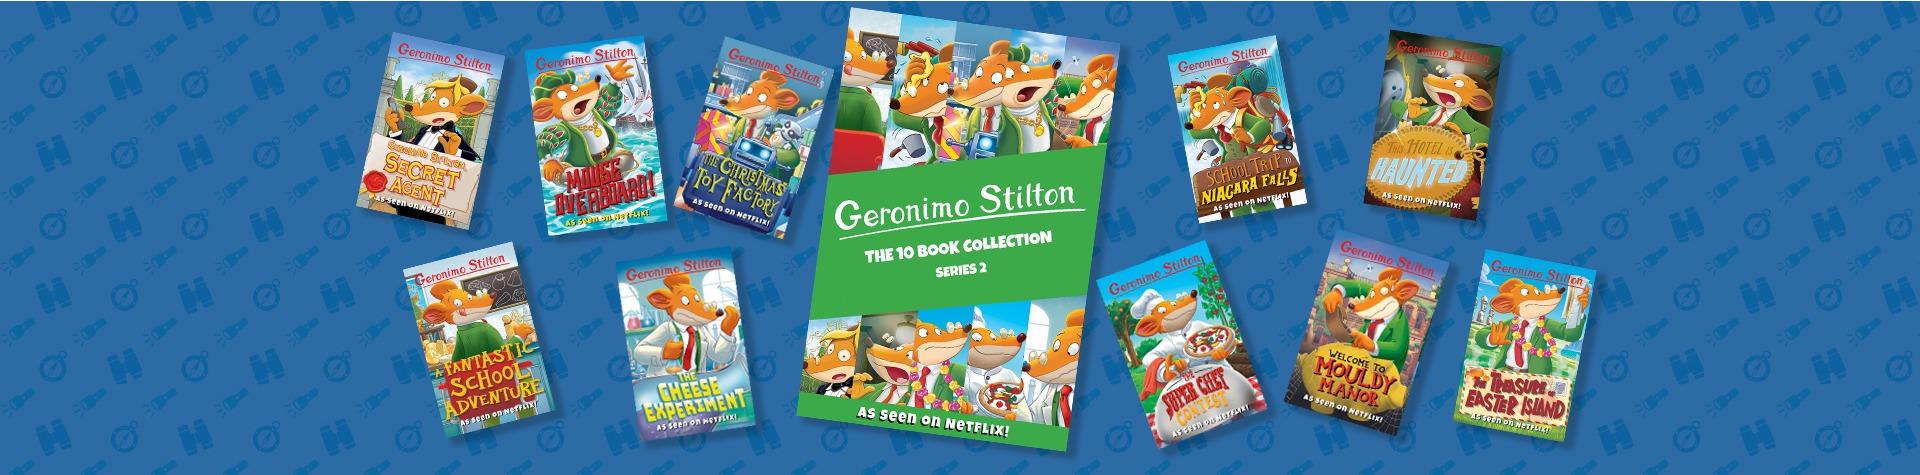 Geronimo Stilton Series 2